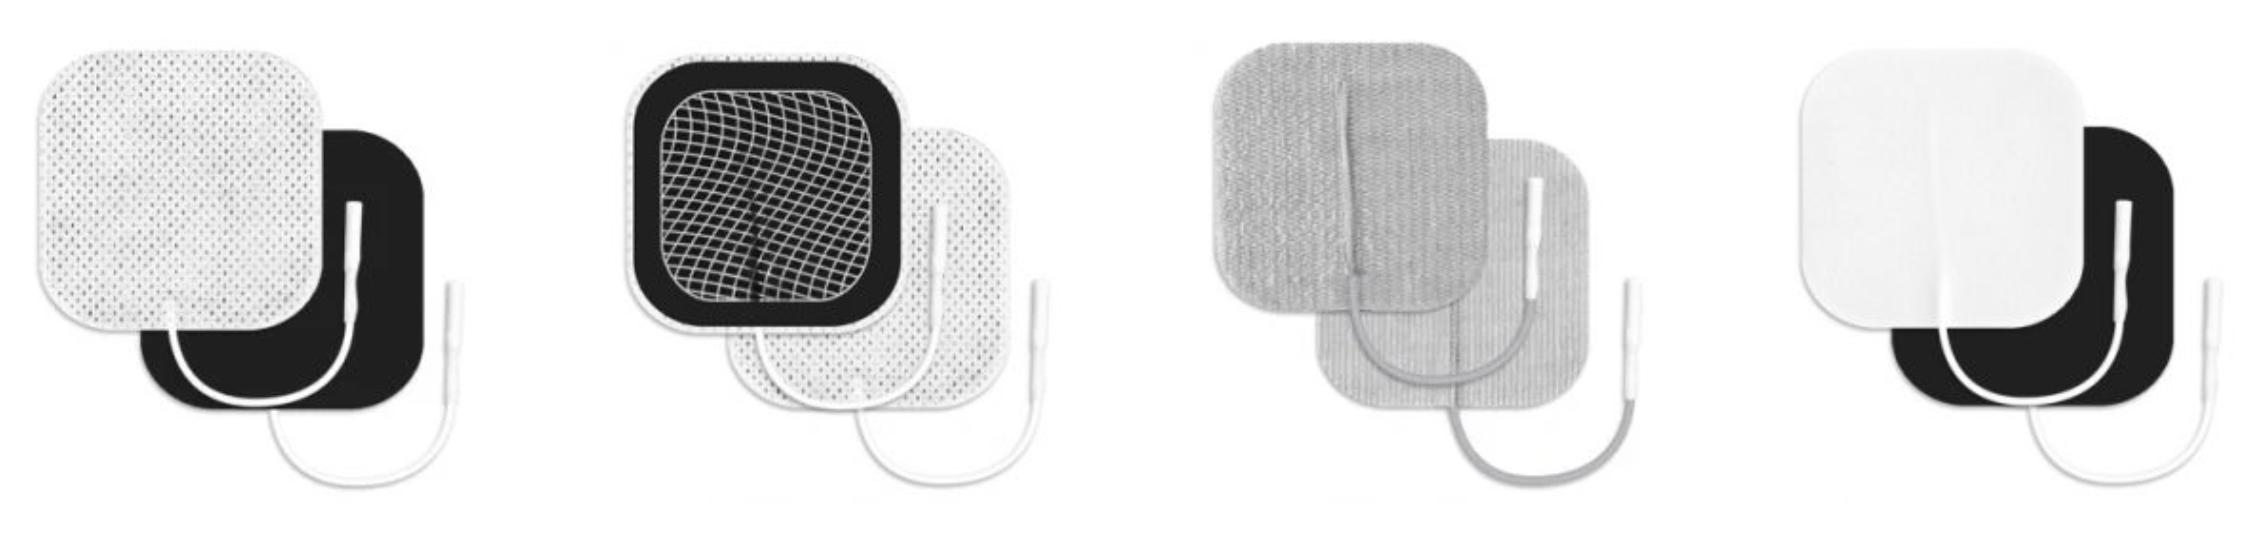 Axelgaard Electrodes